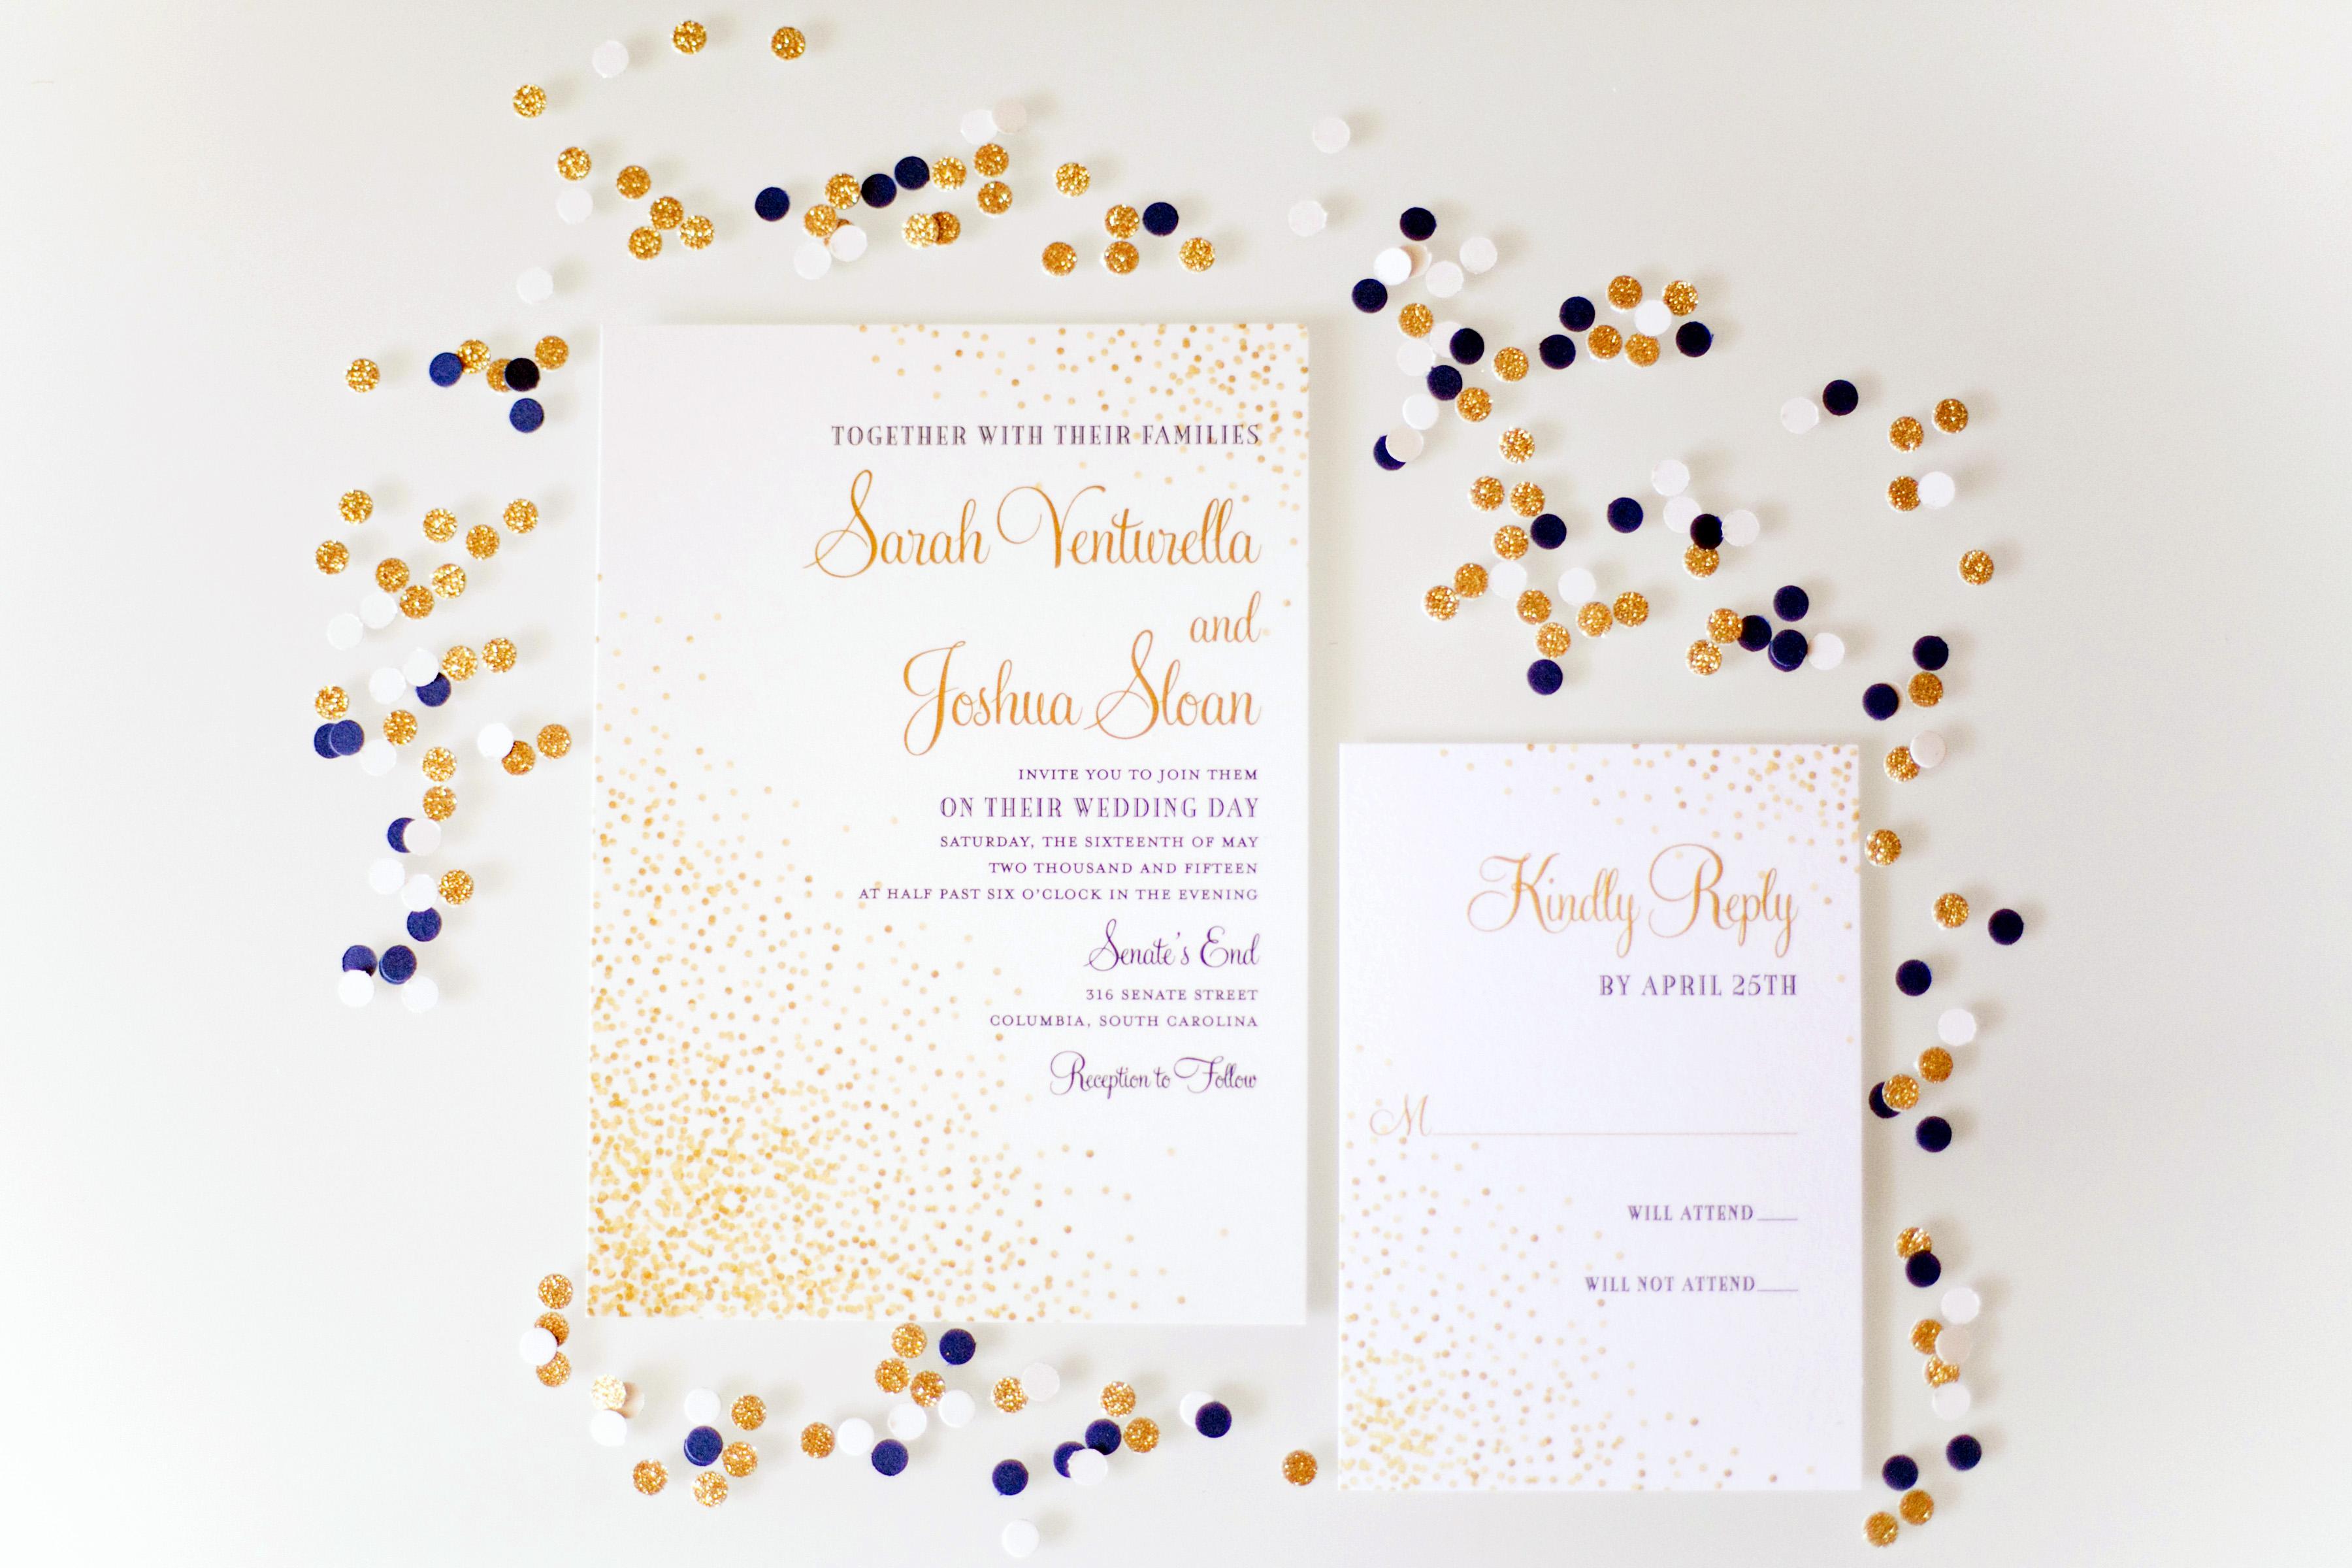 confetti invitations holly graciano